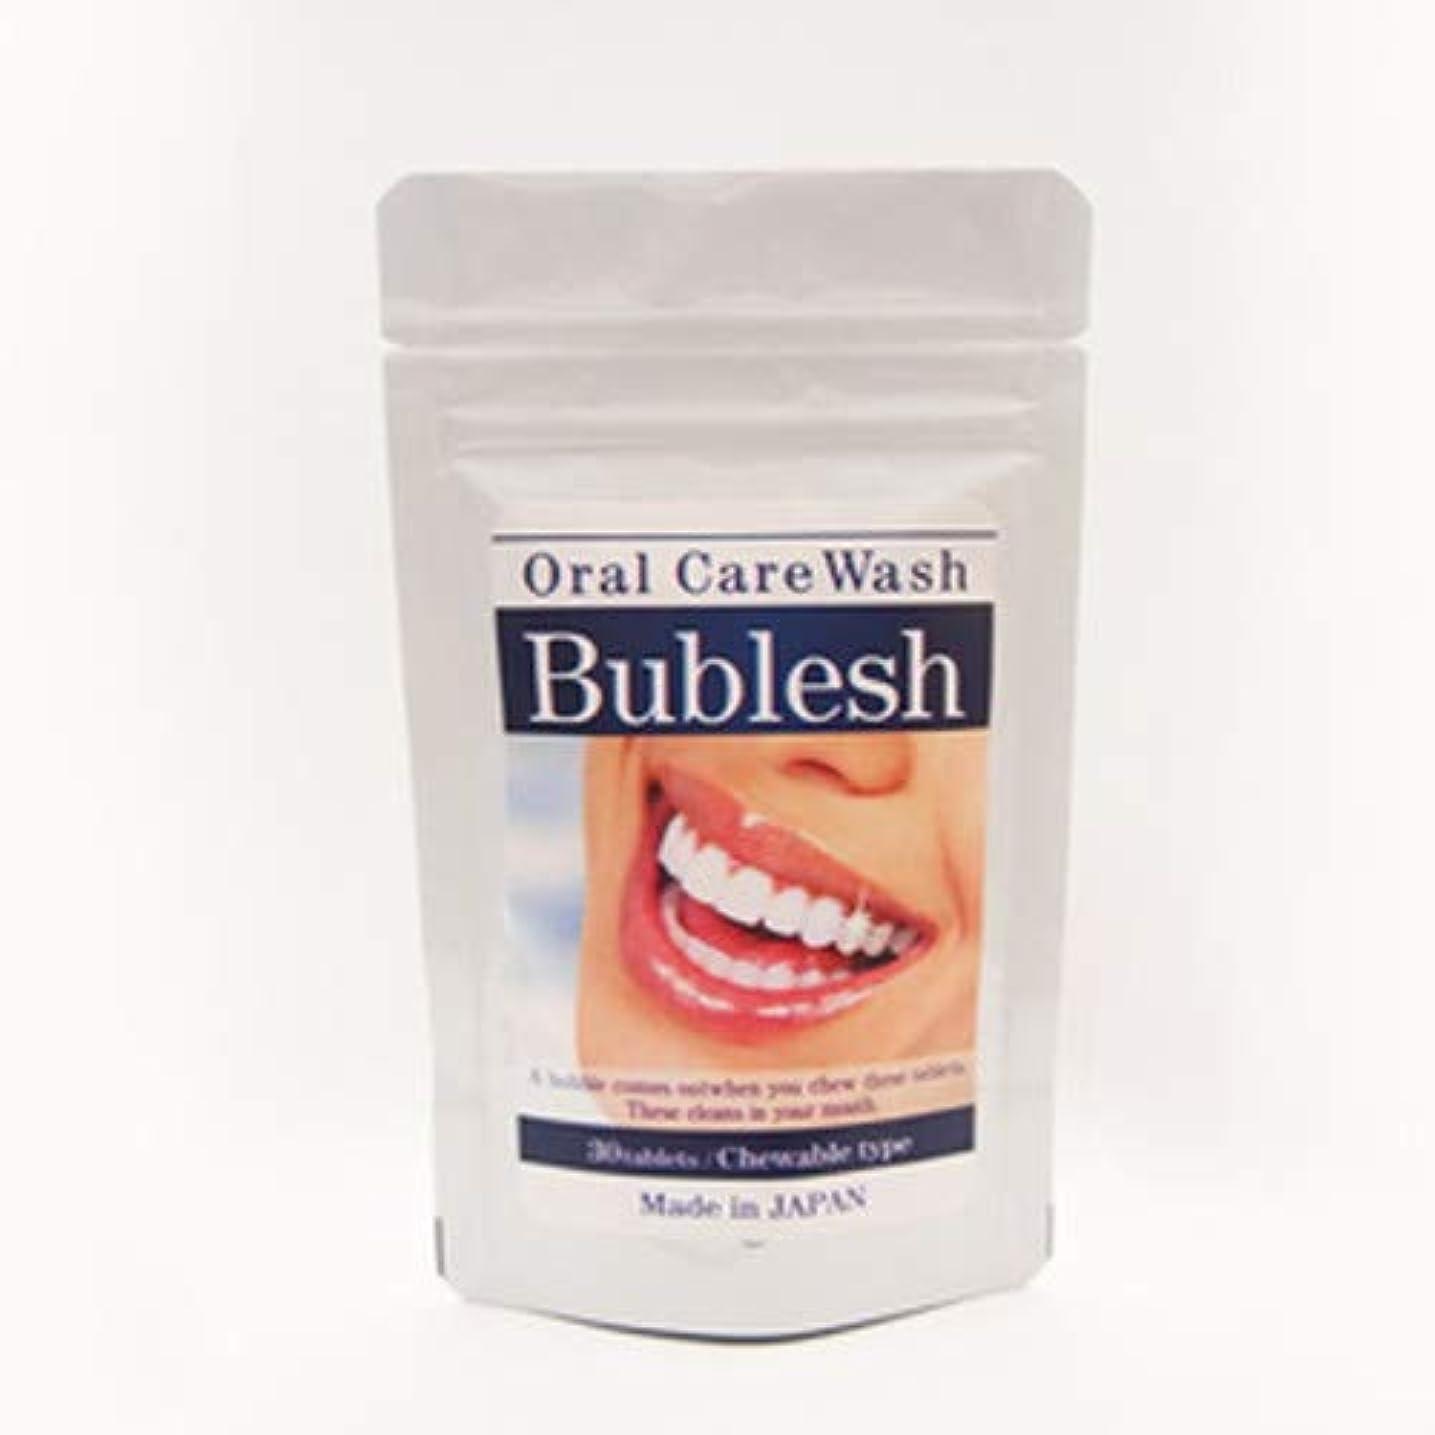 交流する気づくなるリレー【オーラルケアウォッシュバブレッシュ】 30 粒 炭酸 タブレット 歯磨き